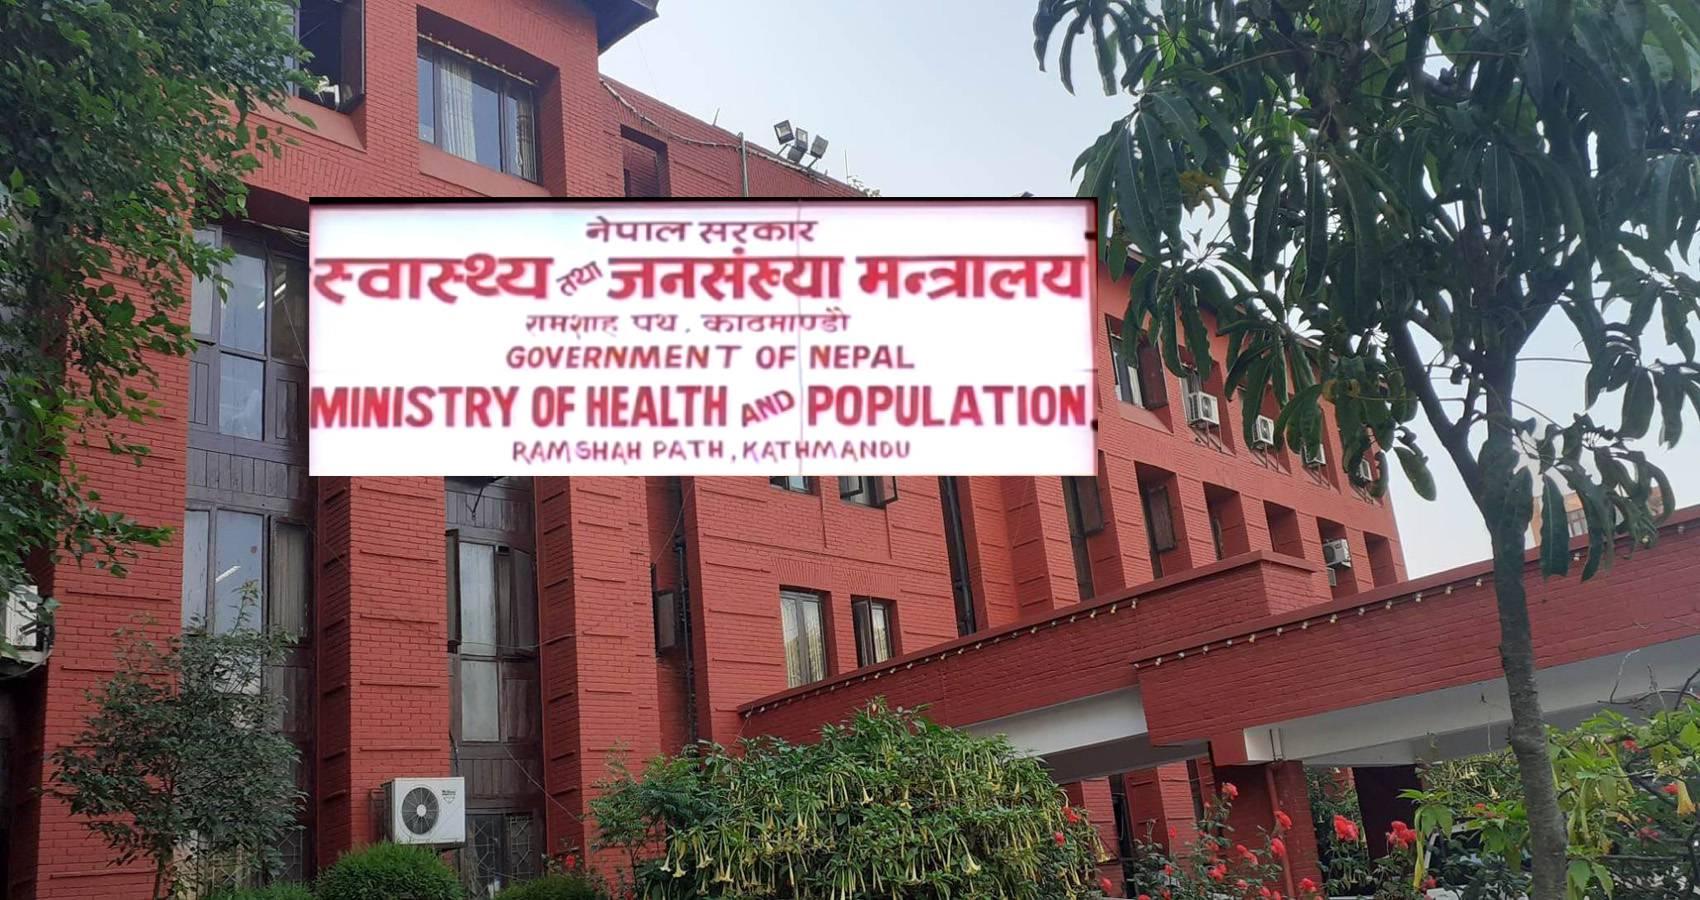 संक्रमितलाई परीक्षण नगरी घर पठाउनु : स्वास्थ्य मन्त्रालय (पत्रसहित)